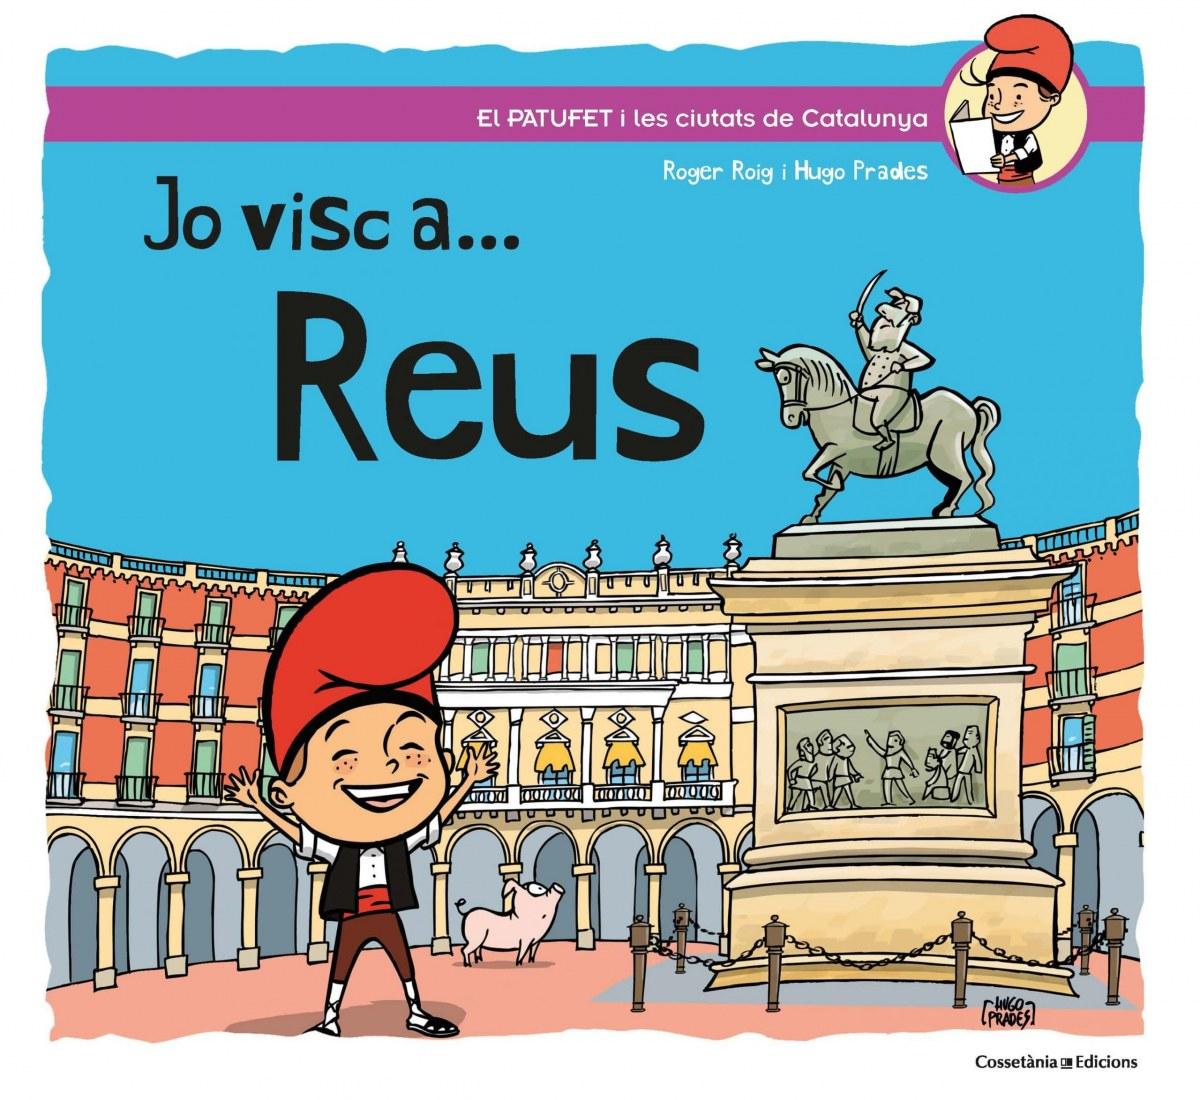 JO VISC A...REUS